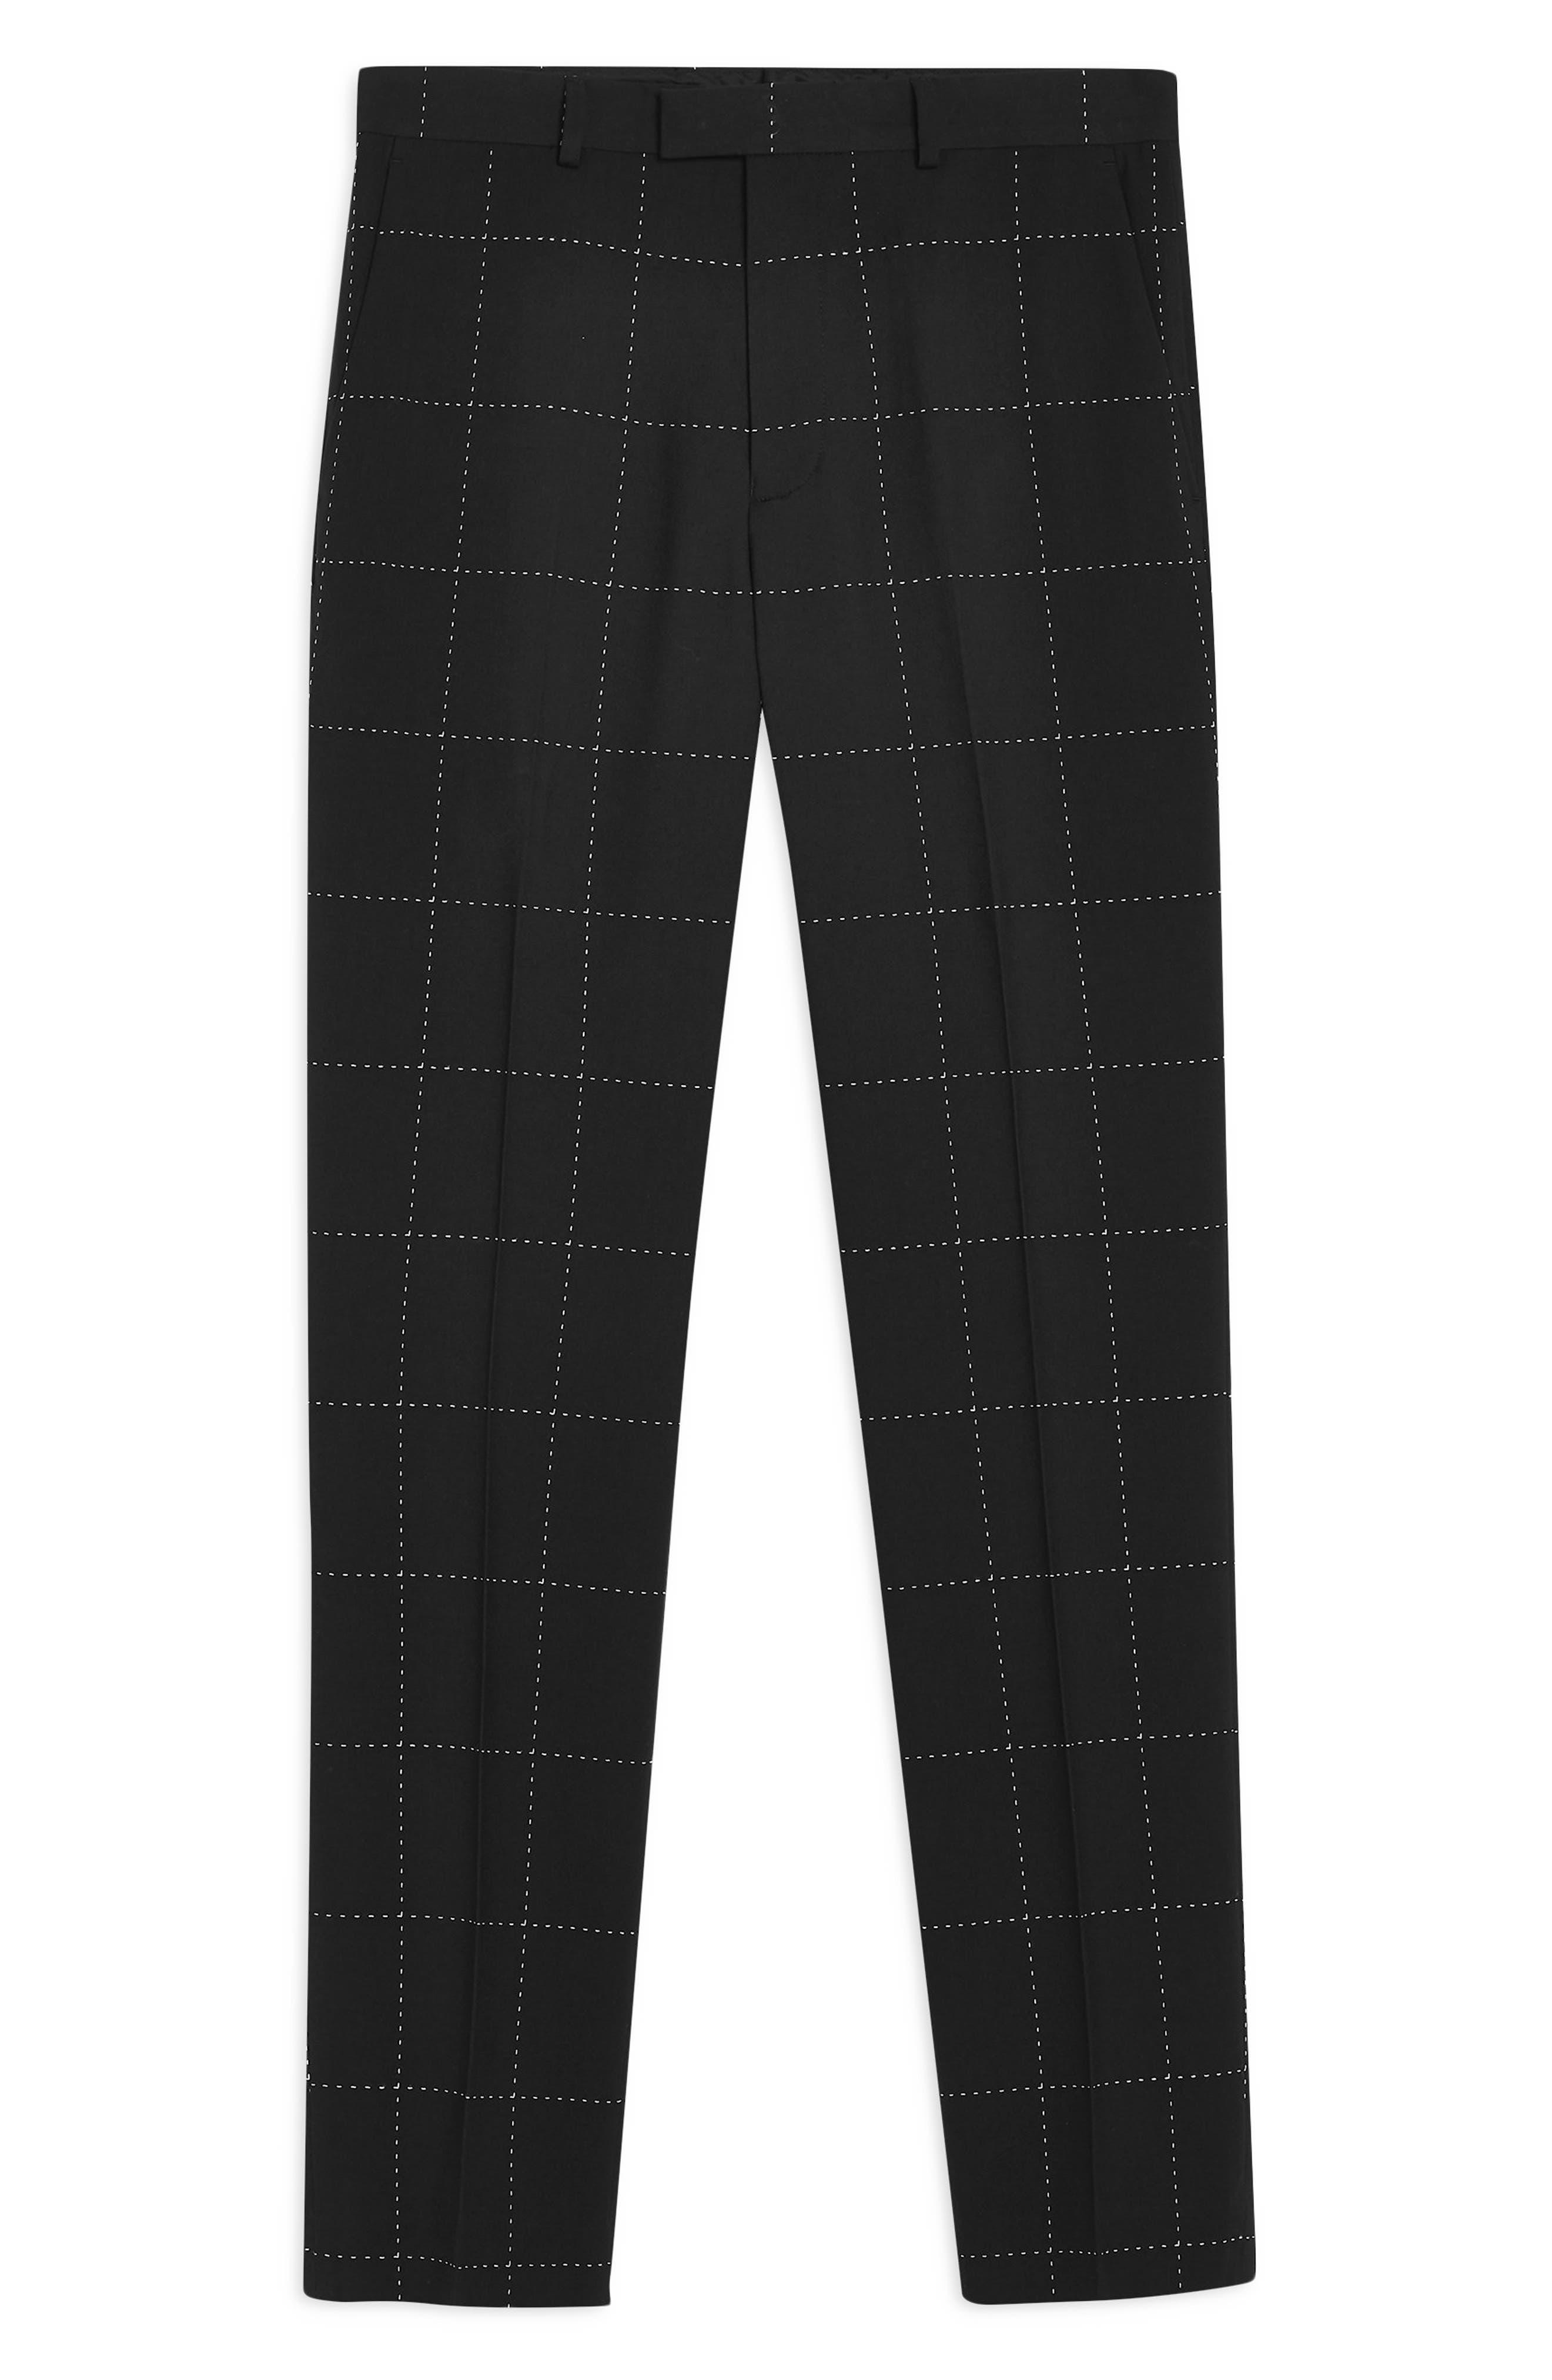 TOPMAN, Slim Fit Topstitched Suit Trousers, Alternate thumbnail 4, color, BLACK MULTI